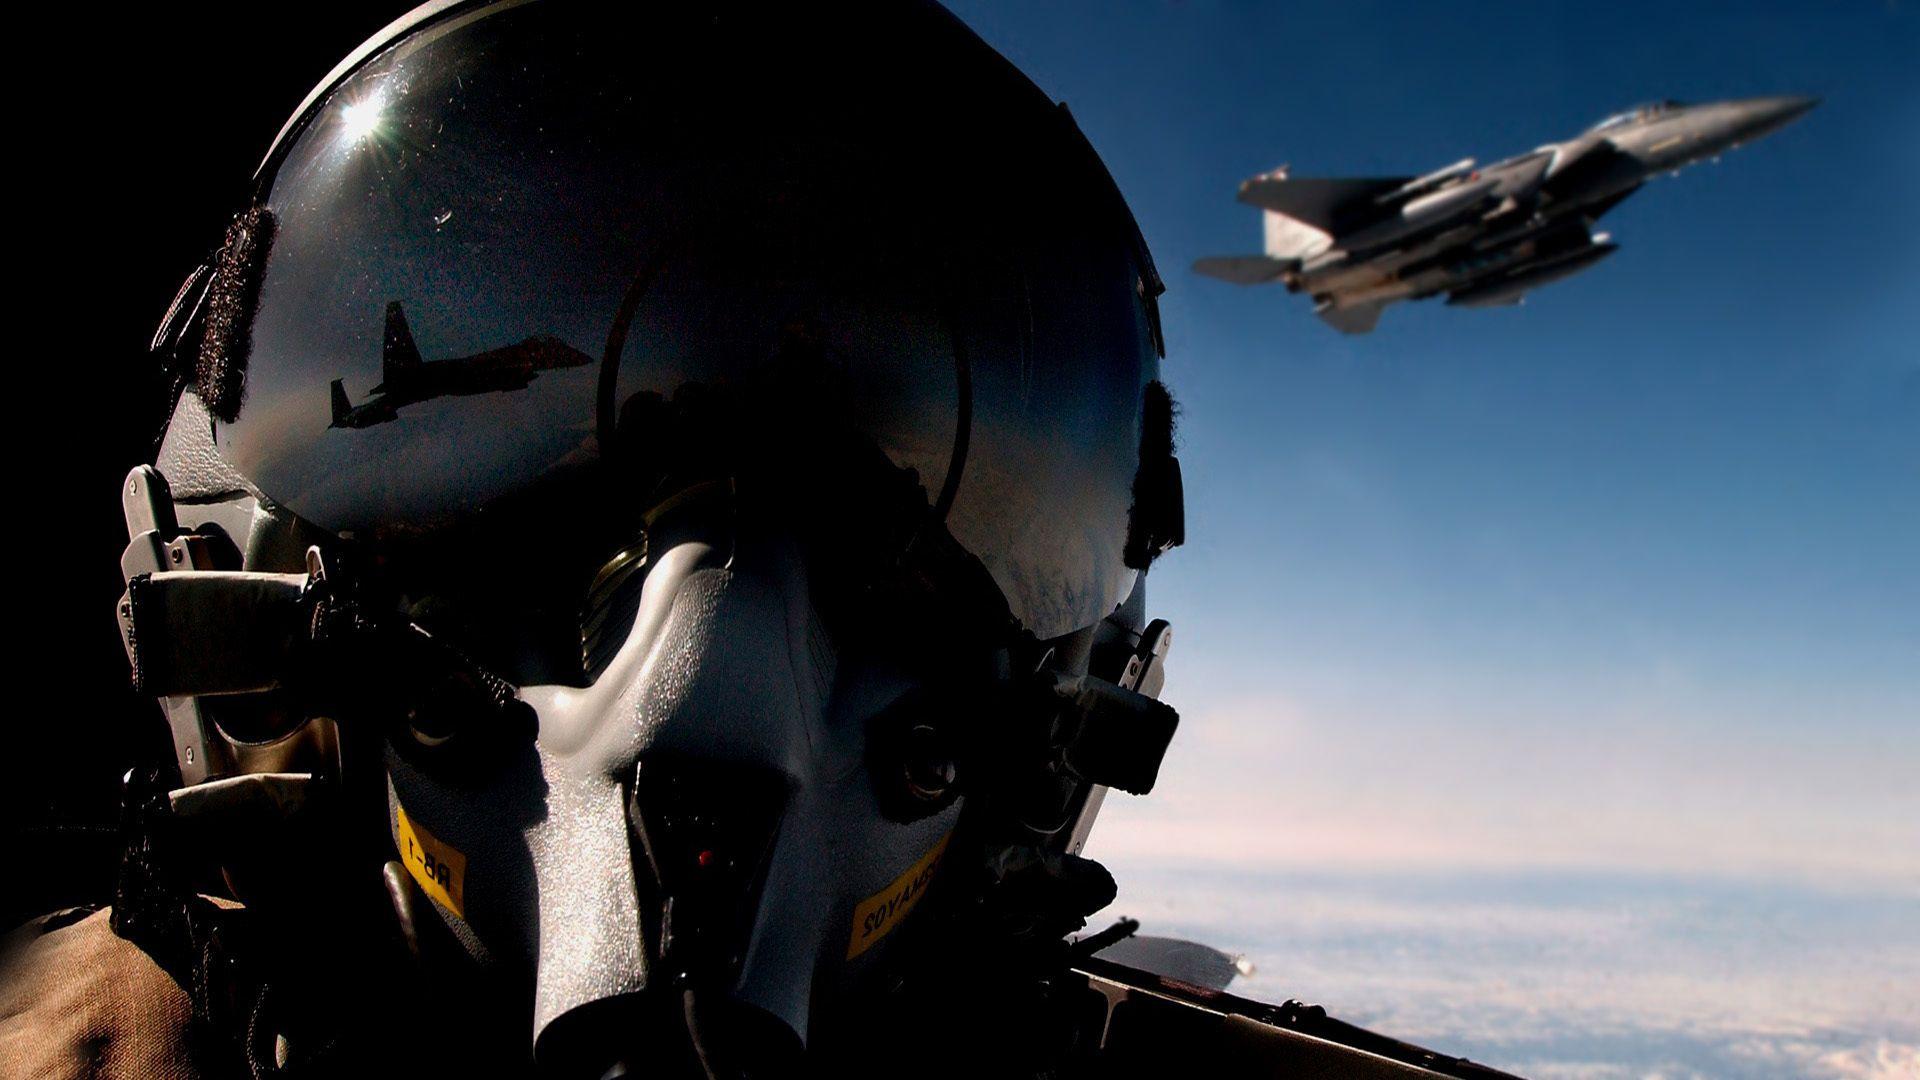 Fighter Pilot Fighter Pilot Jet Fighter Pilot Fighter Jets